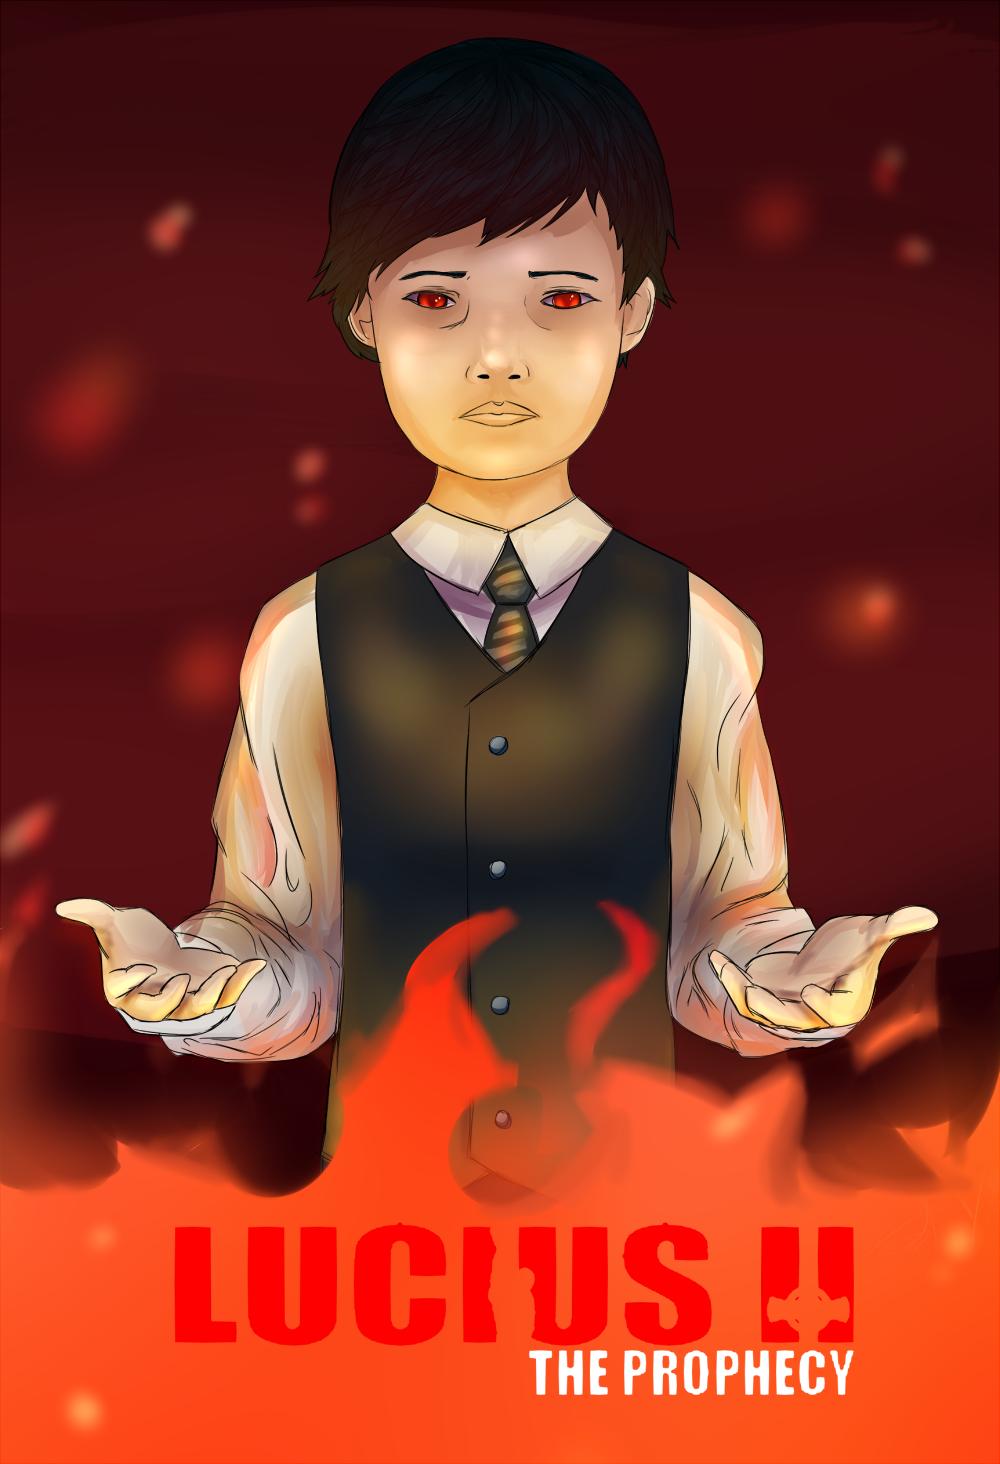 Lucius Fan Art